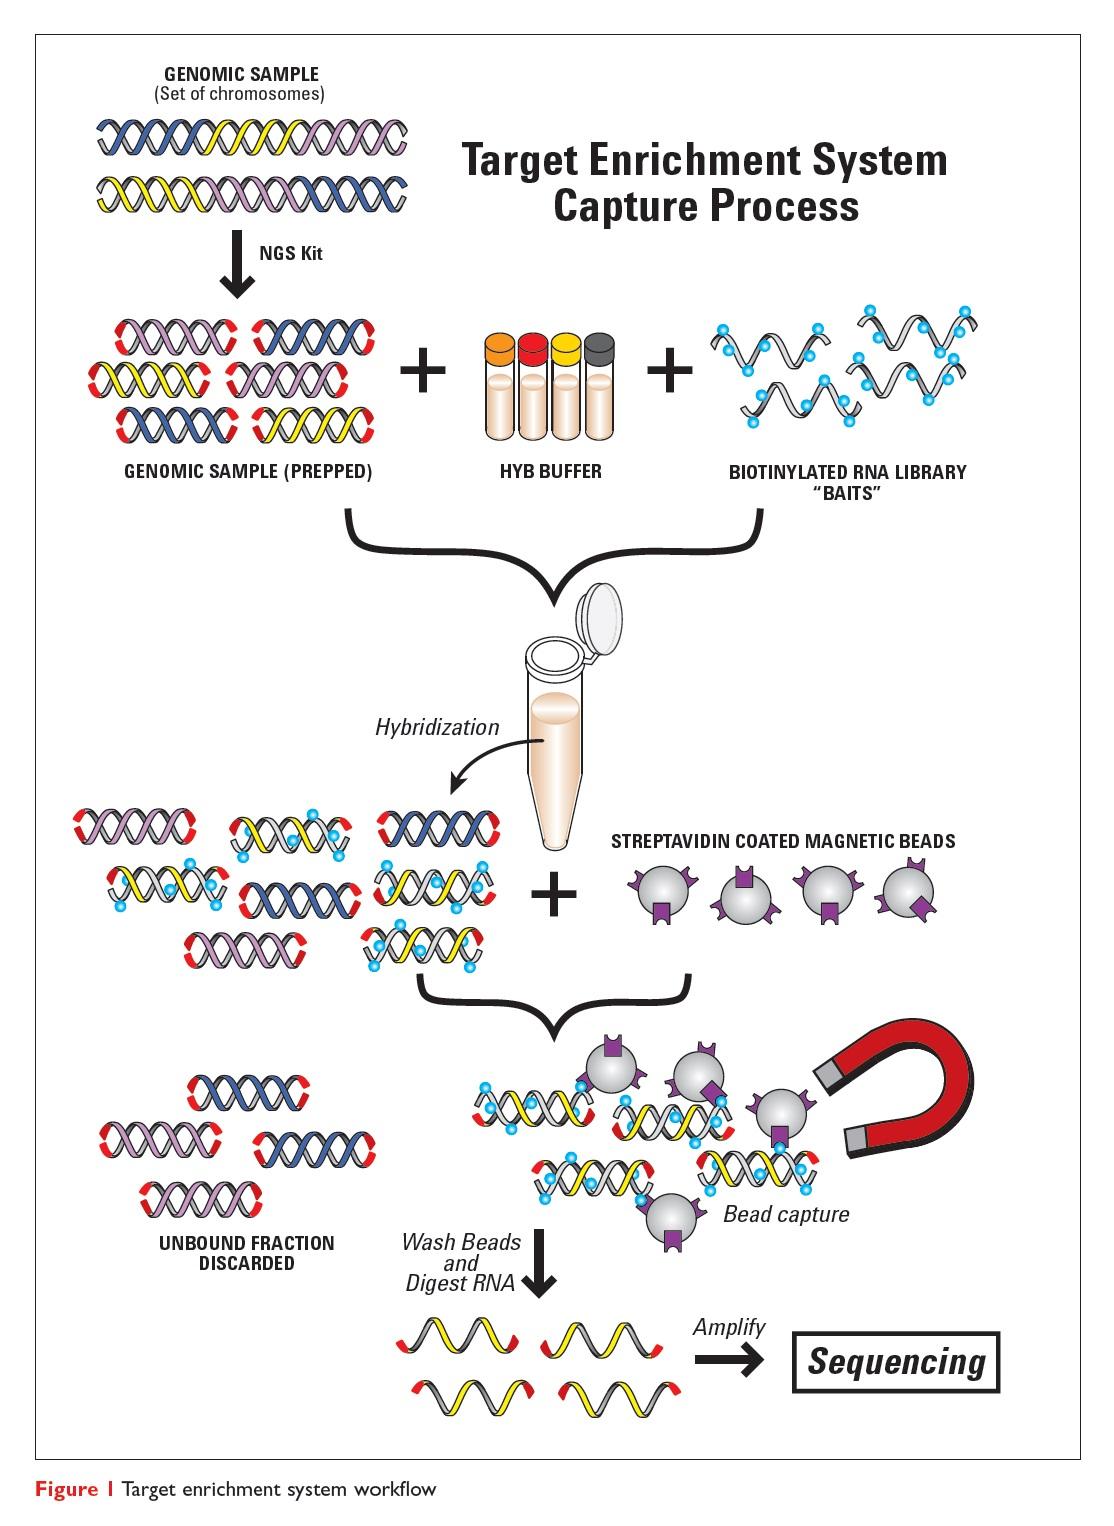 Figure 1 Target enrichment system workflow, enrichment system capture process